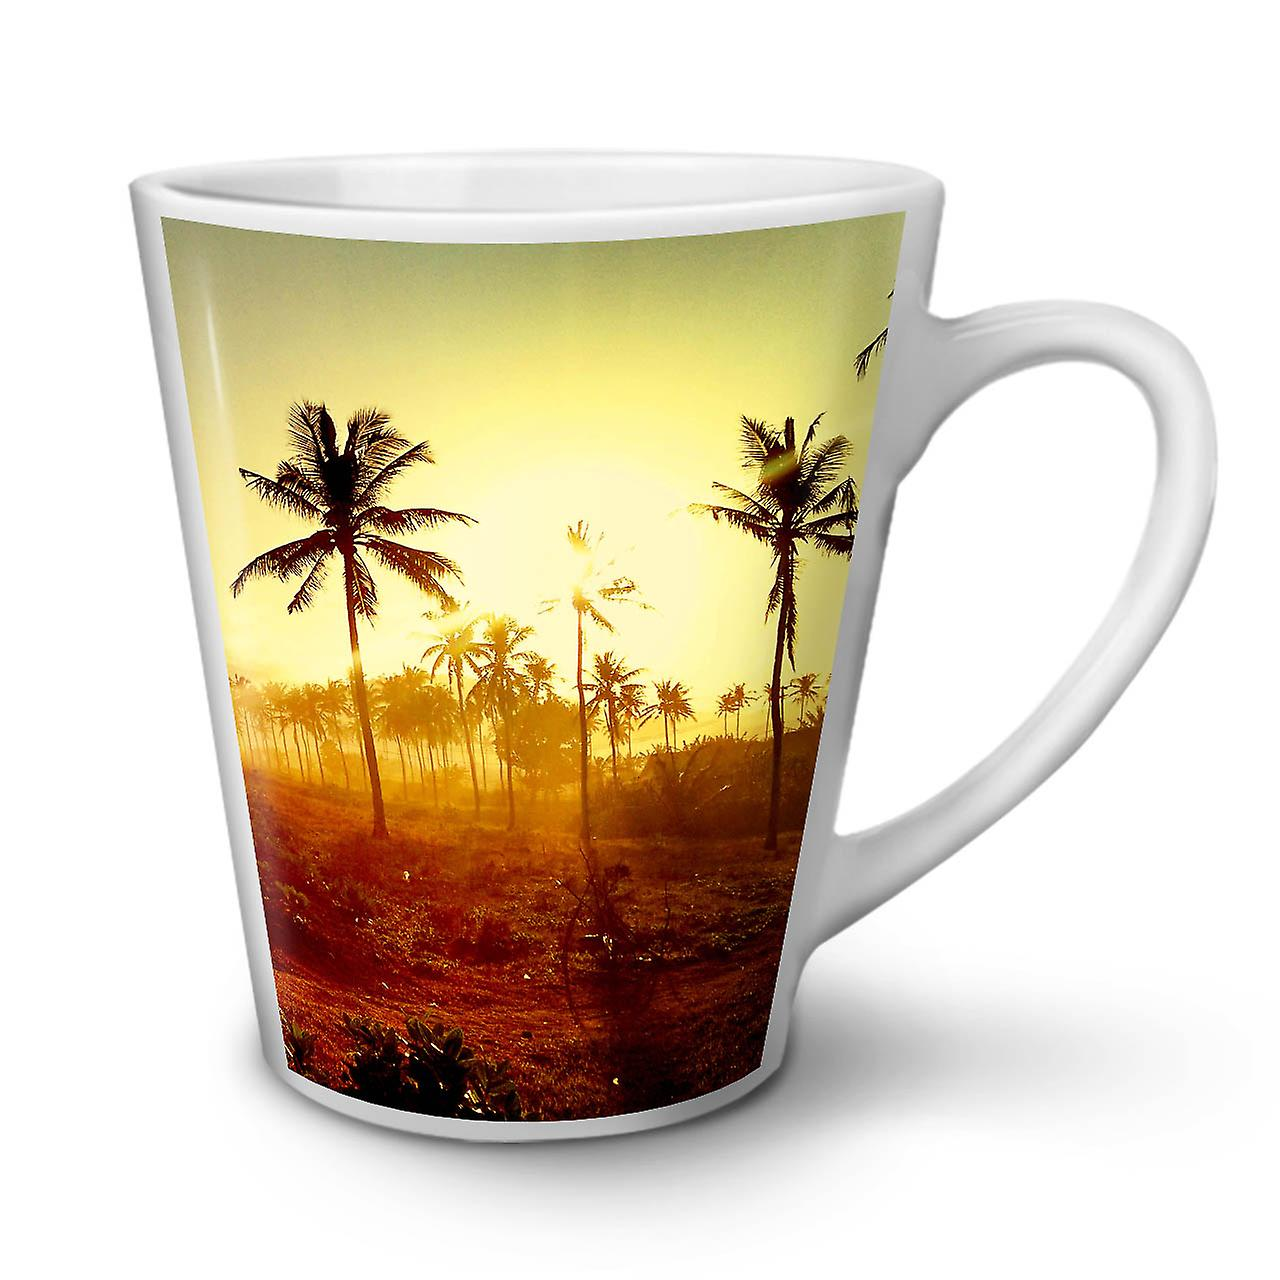 Mug Café Thé 12 Sun Palm OzWellcoda Latte Nouveau En Art Blanc Photo Céramique y6gfbIY7v